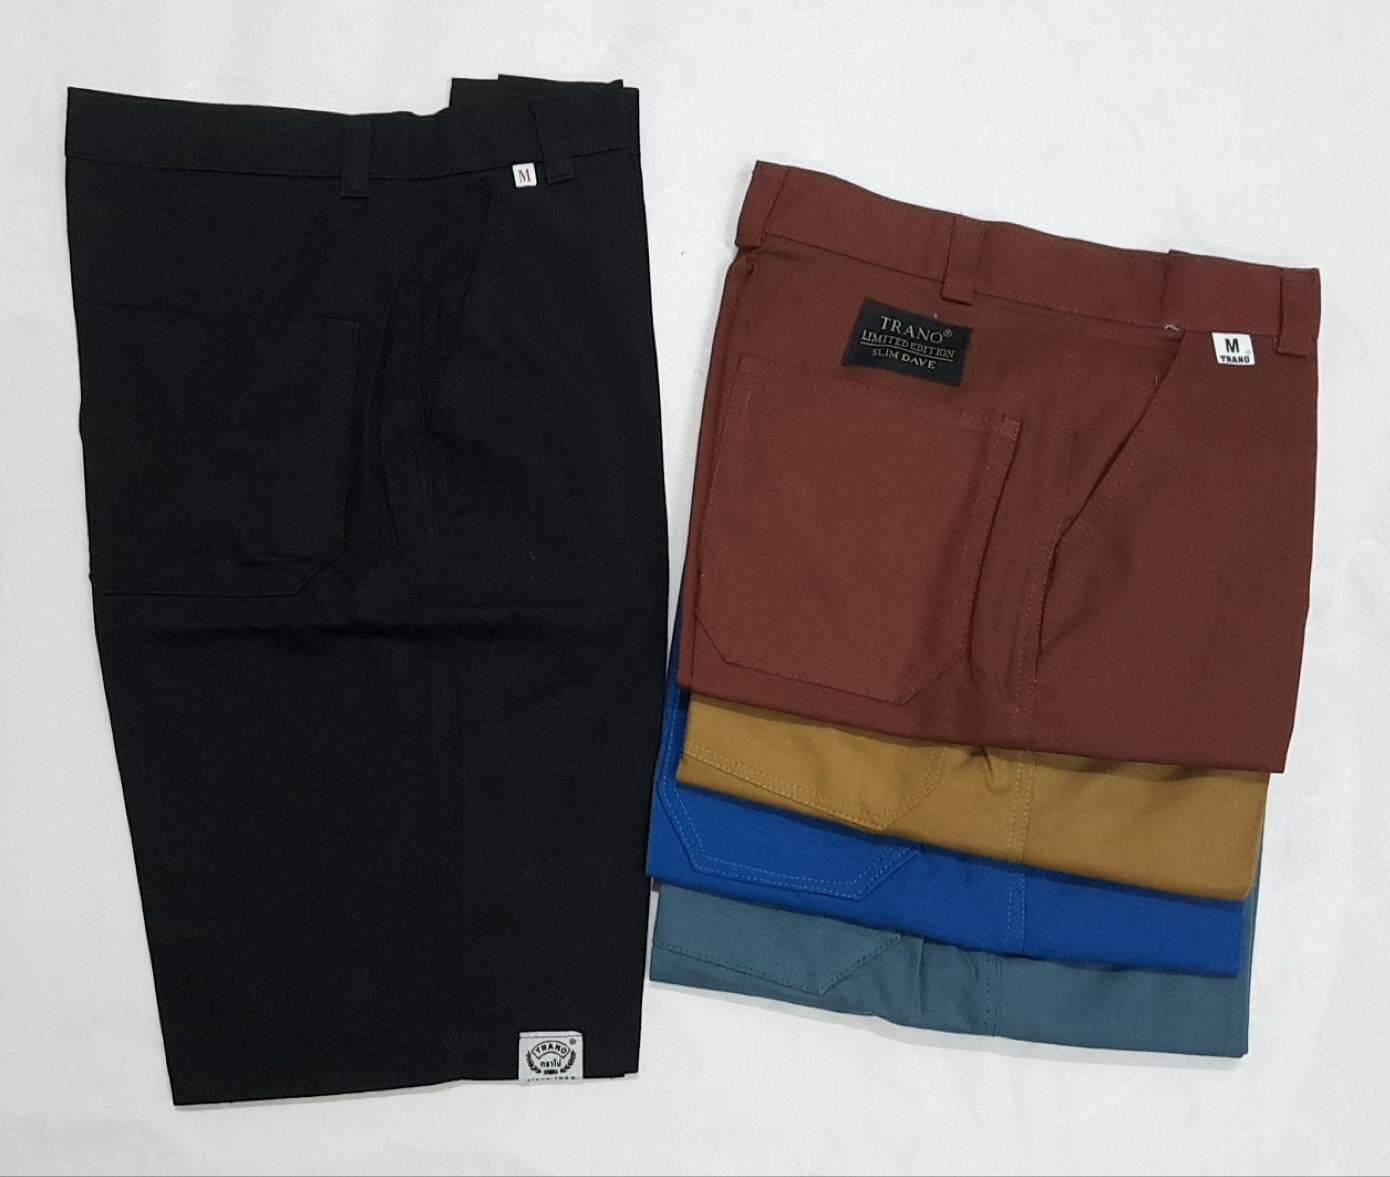 กางเกงขาสั้น ผู้ชาย สีพื้น ราคาสบายกระเป๋า มีหลายสี By Nanashop02.